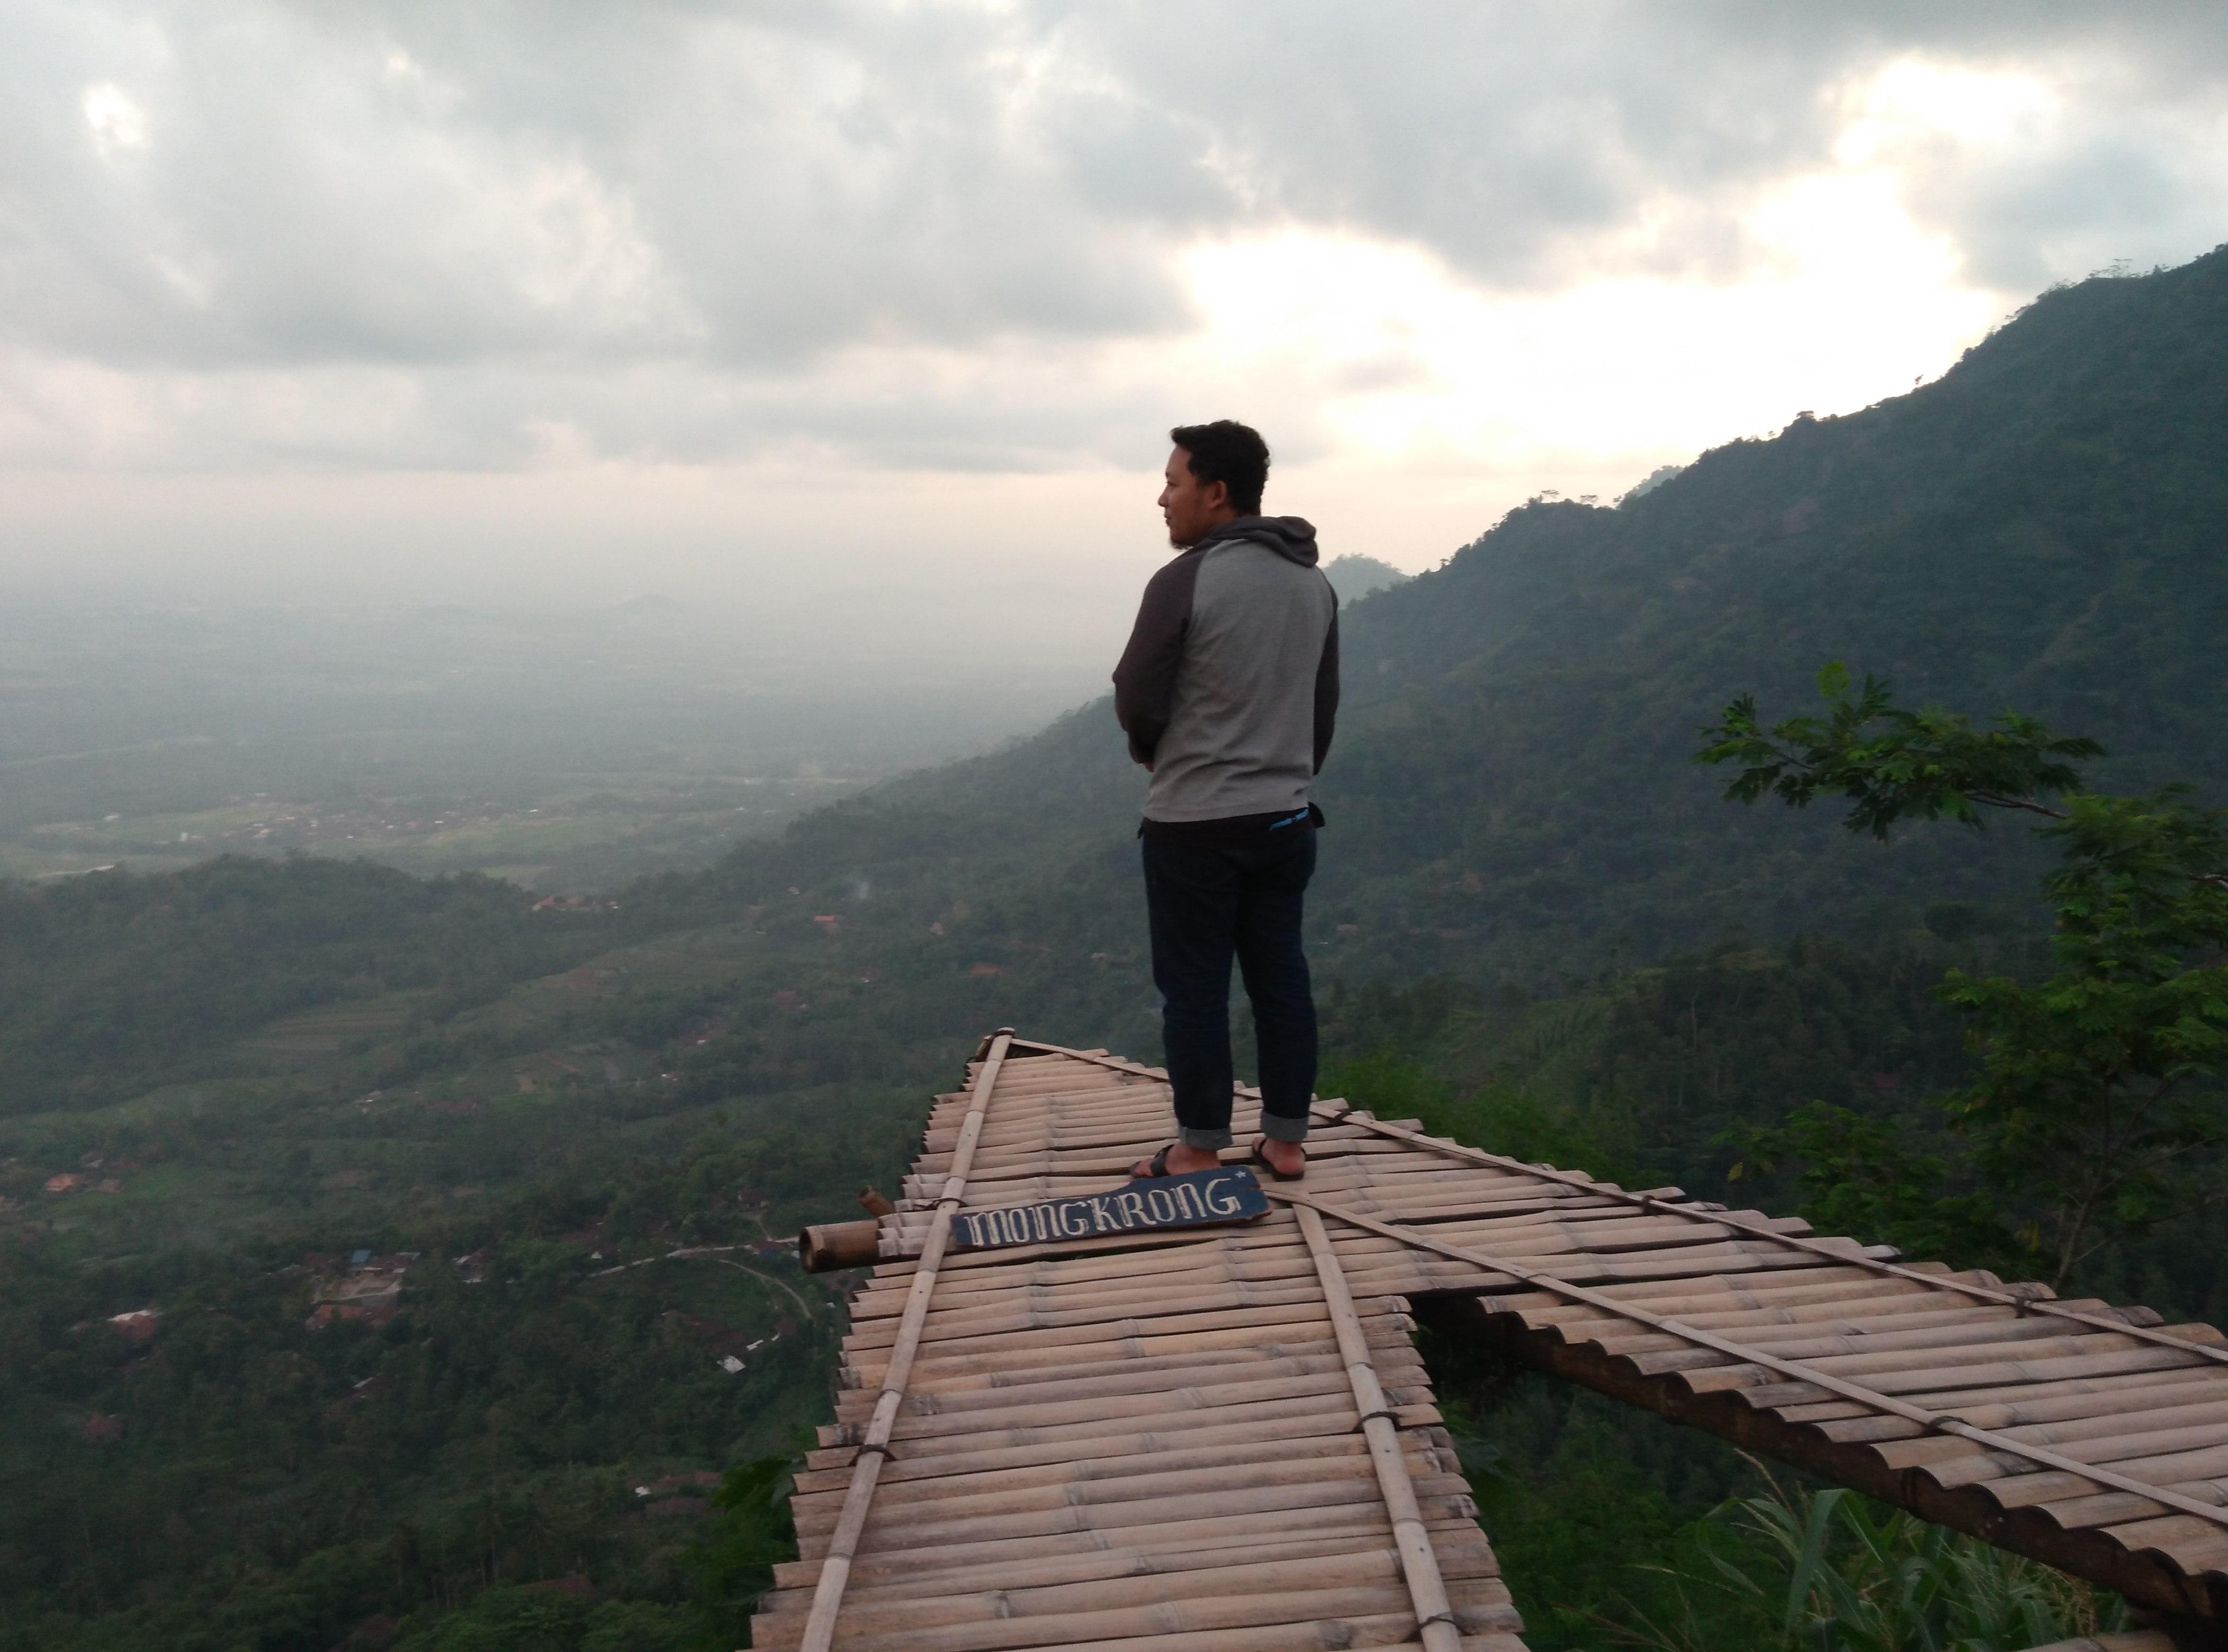 Punthuk Mongkrong Borobudur Wisata Magelang Gardu Pandang Puthuk Gupakan Kab